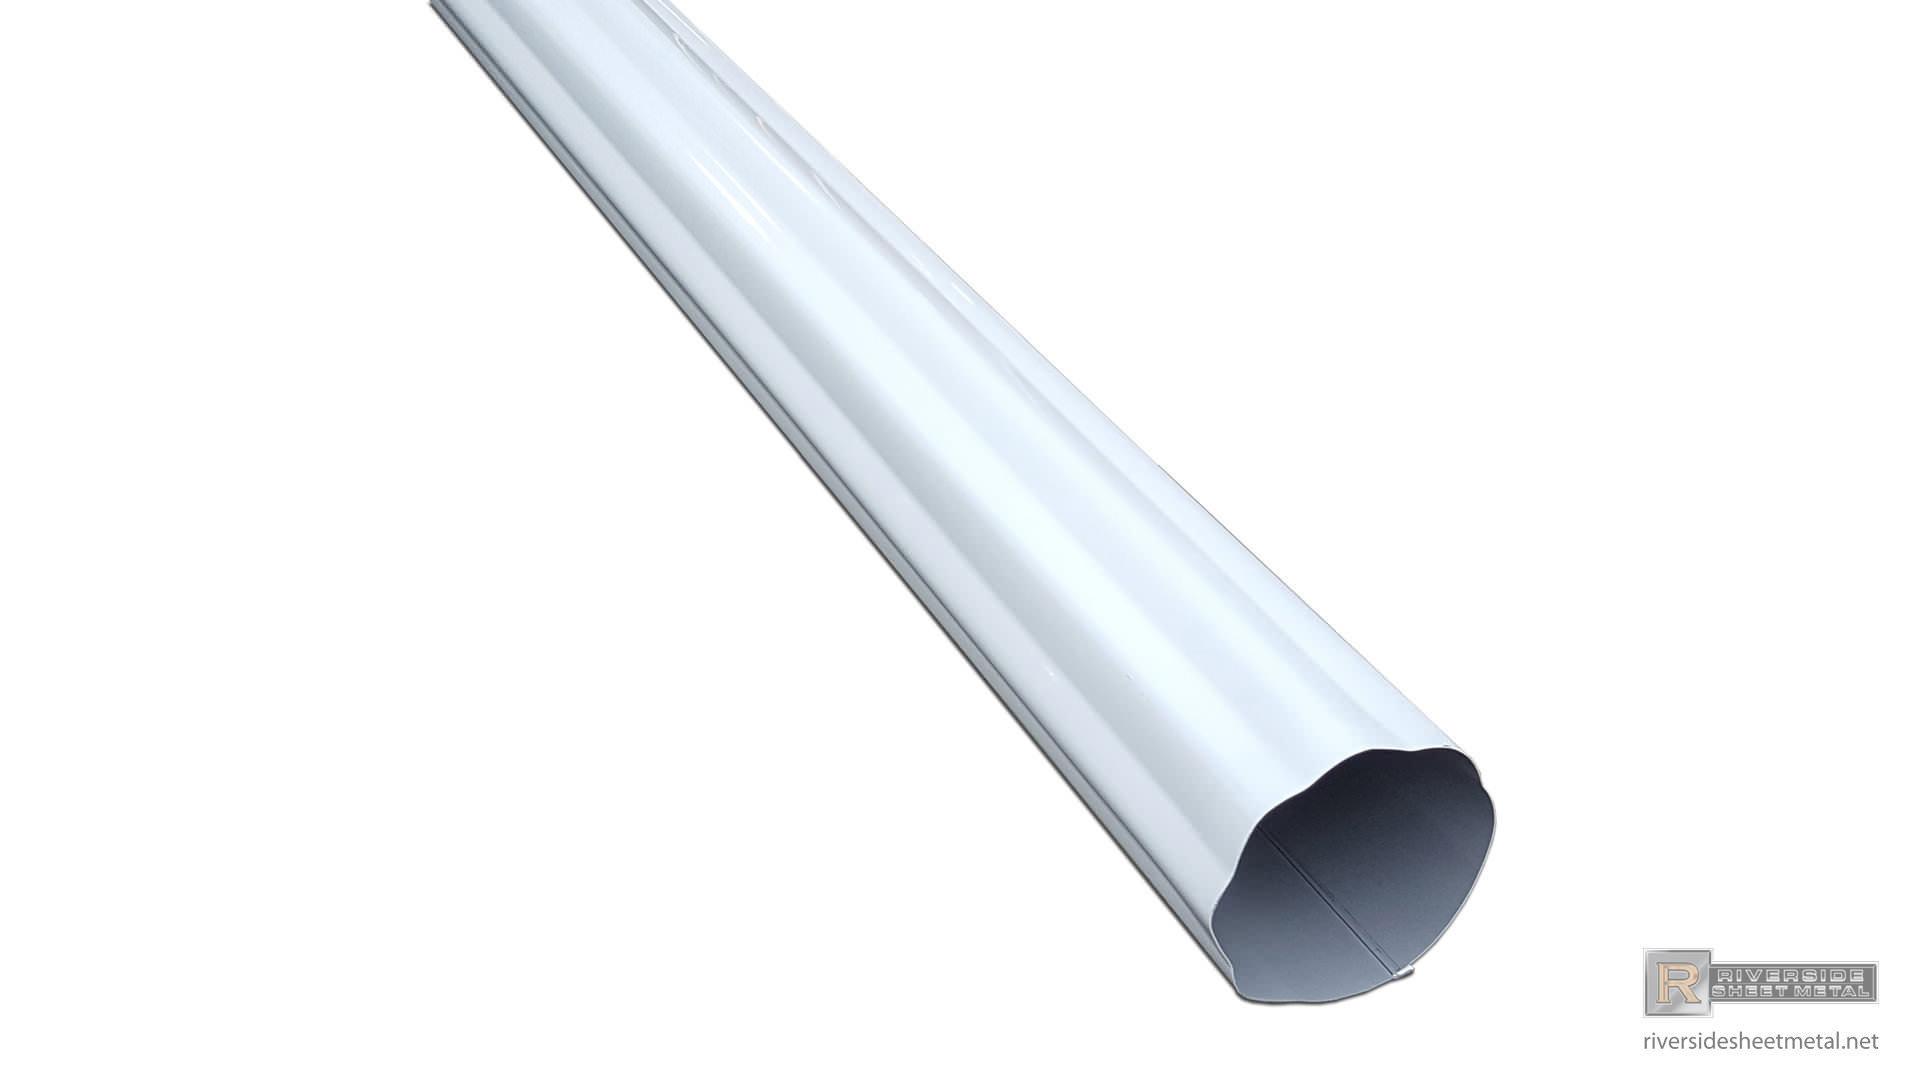 Round Corrugated Aluminum Gutter Downspout 2 Quot 3 Quot 4 Quot 5